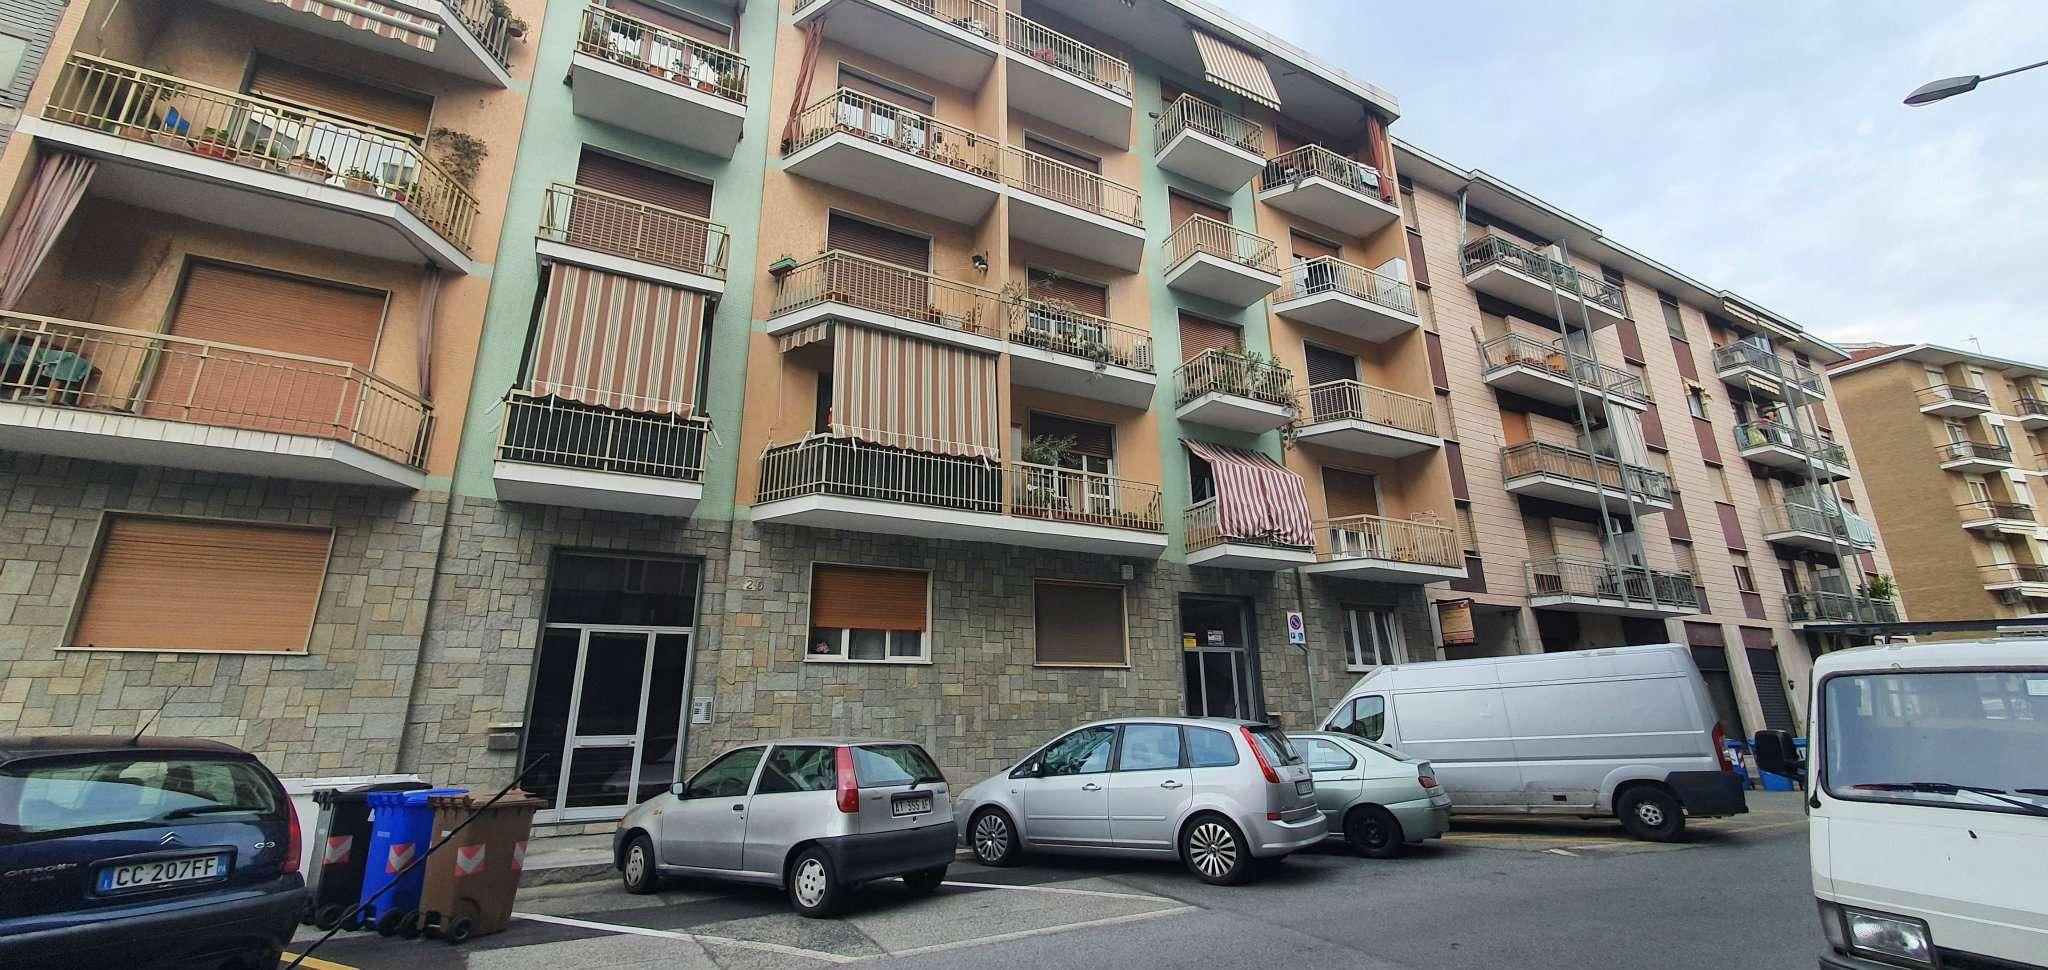 Appartamento in affitto a Moncalieri, 2 locali, prezzo € 350 | PortaleAgenzieImmobiliari.it